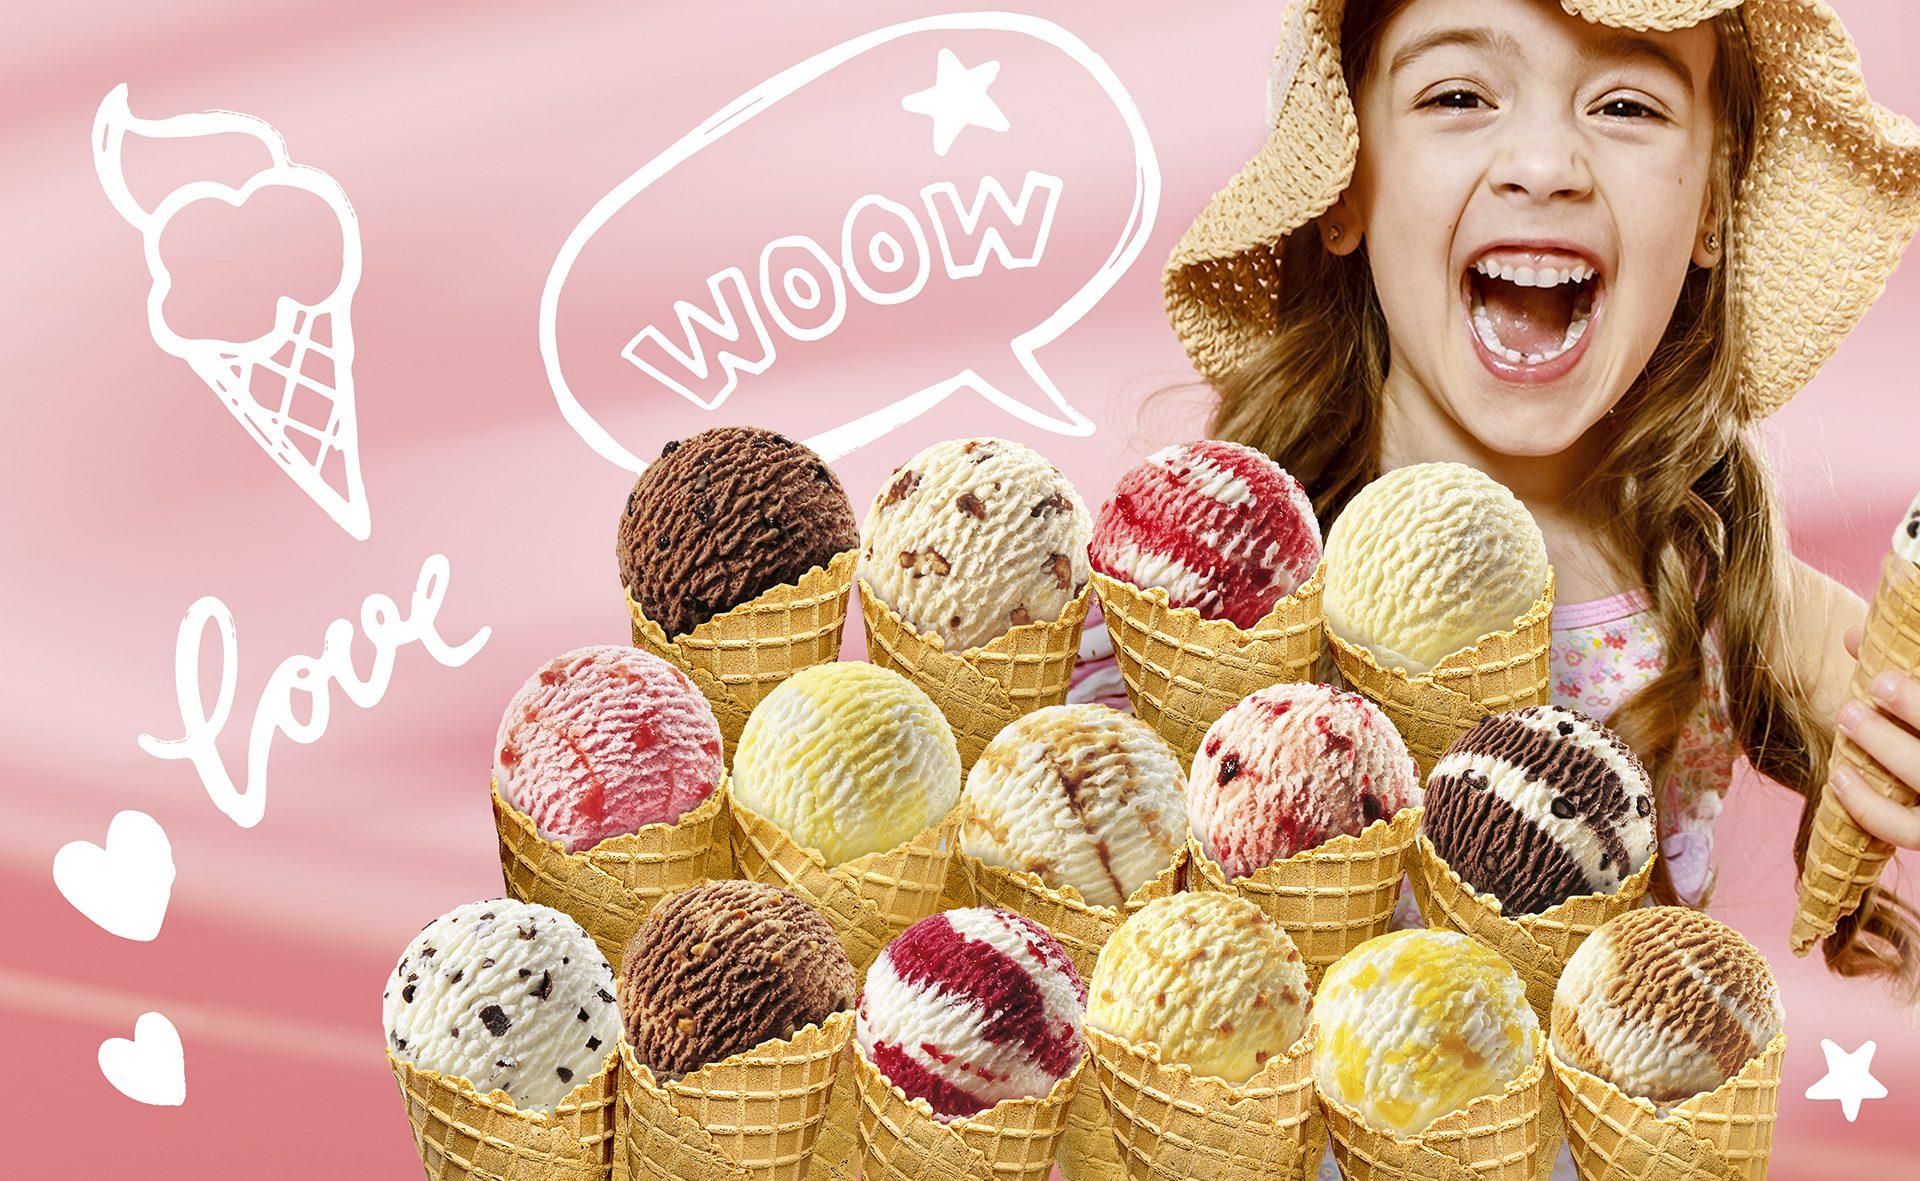 Verpackungsdesign Malvega - Referenz: Ronkadin Eissorten